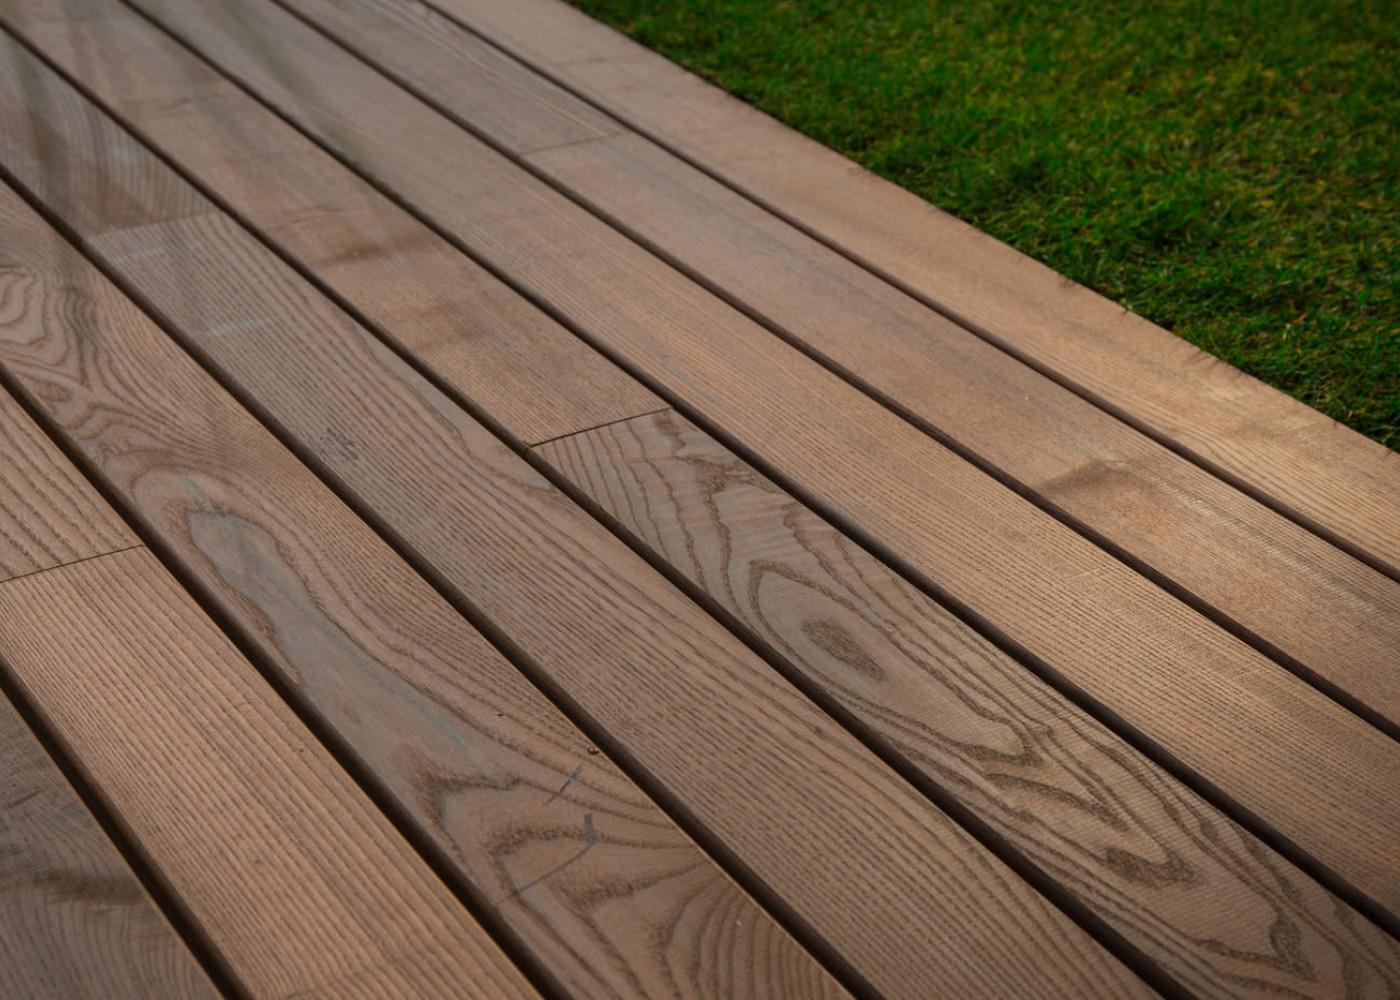 Lames De Terrasse Bois lame de terrasse en frêne thermo-traité / thermo-chauffé double peigne  21x142mm prix au m² - sud bois : terrasse, bois direct scierie